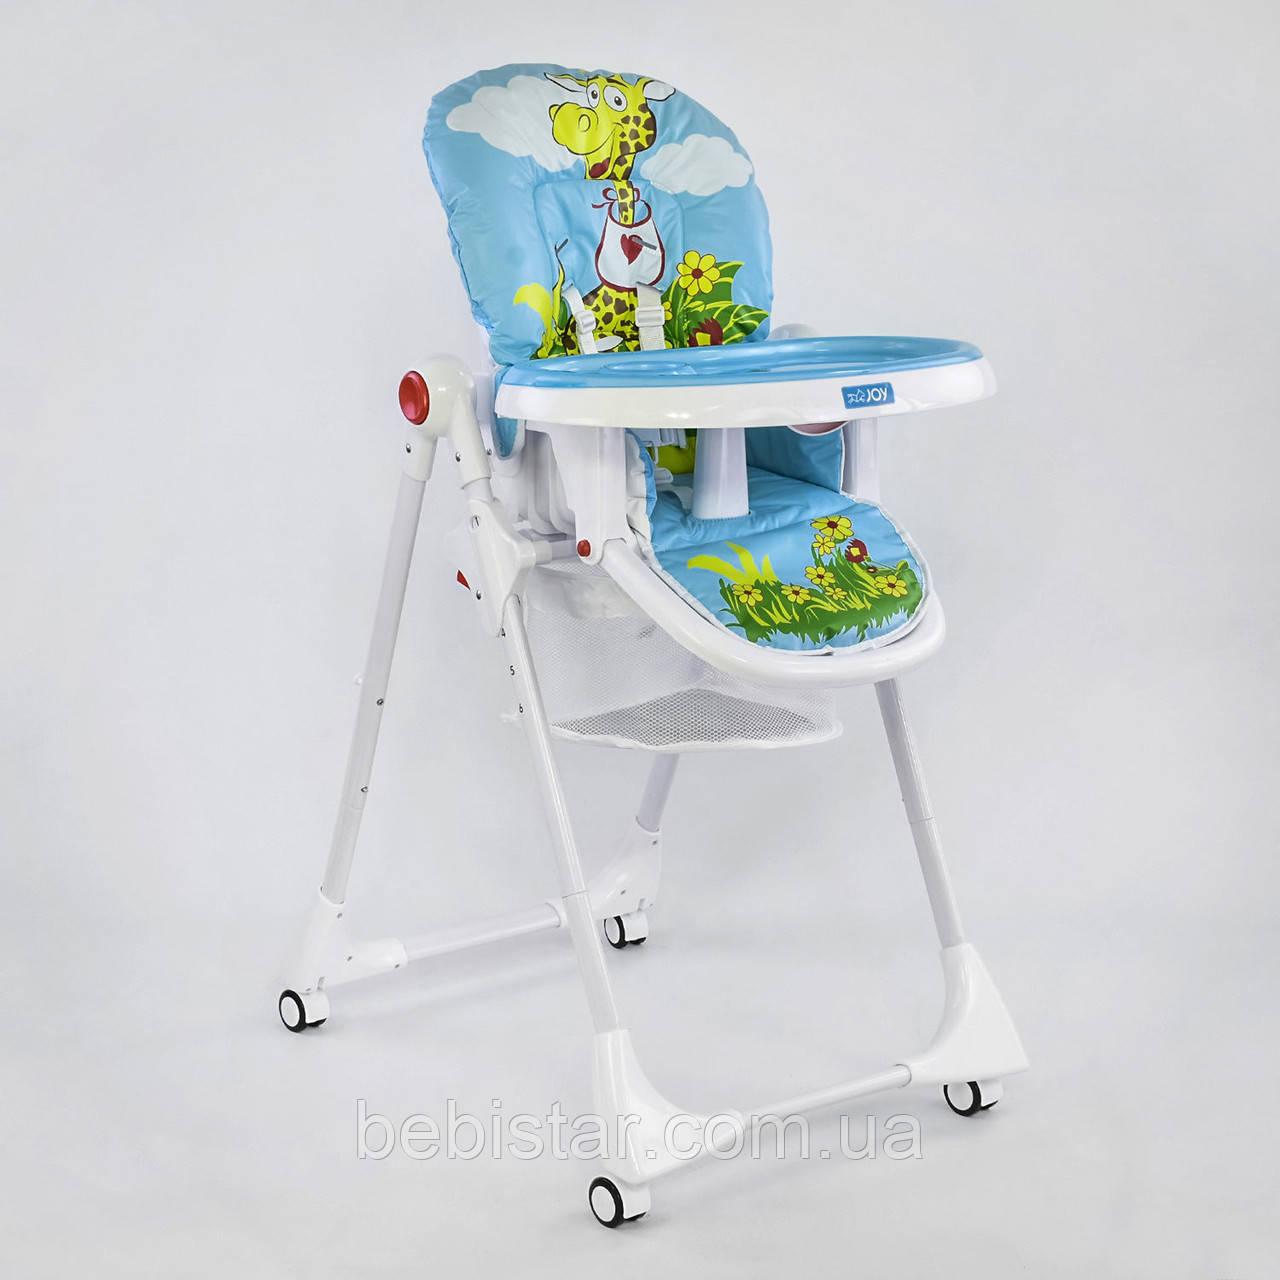 Детский стульчик для кормления JOY Жираф цвет голубой